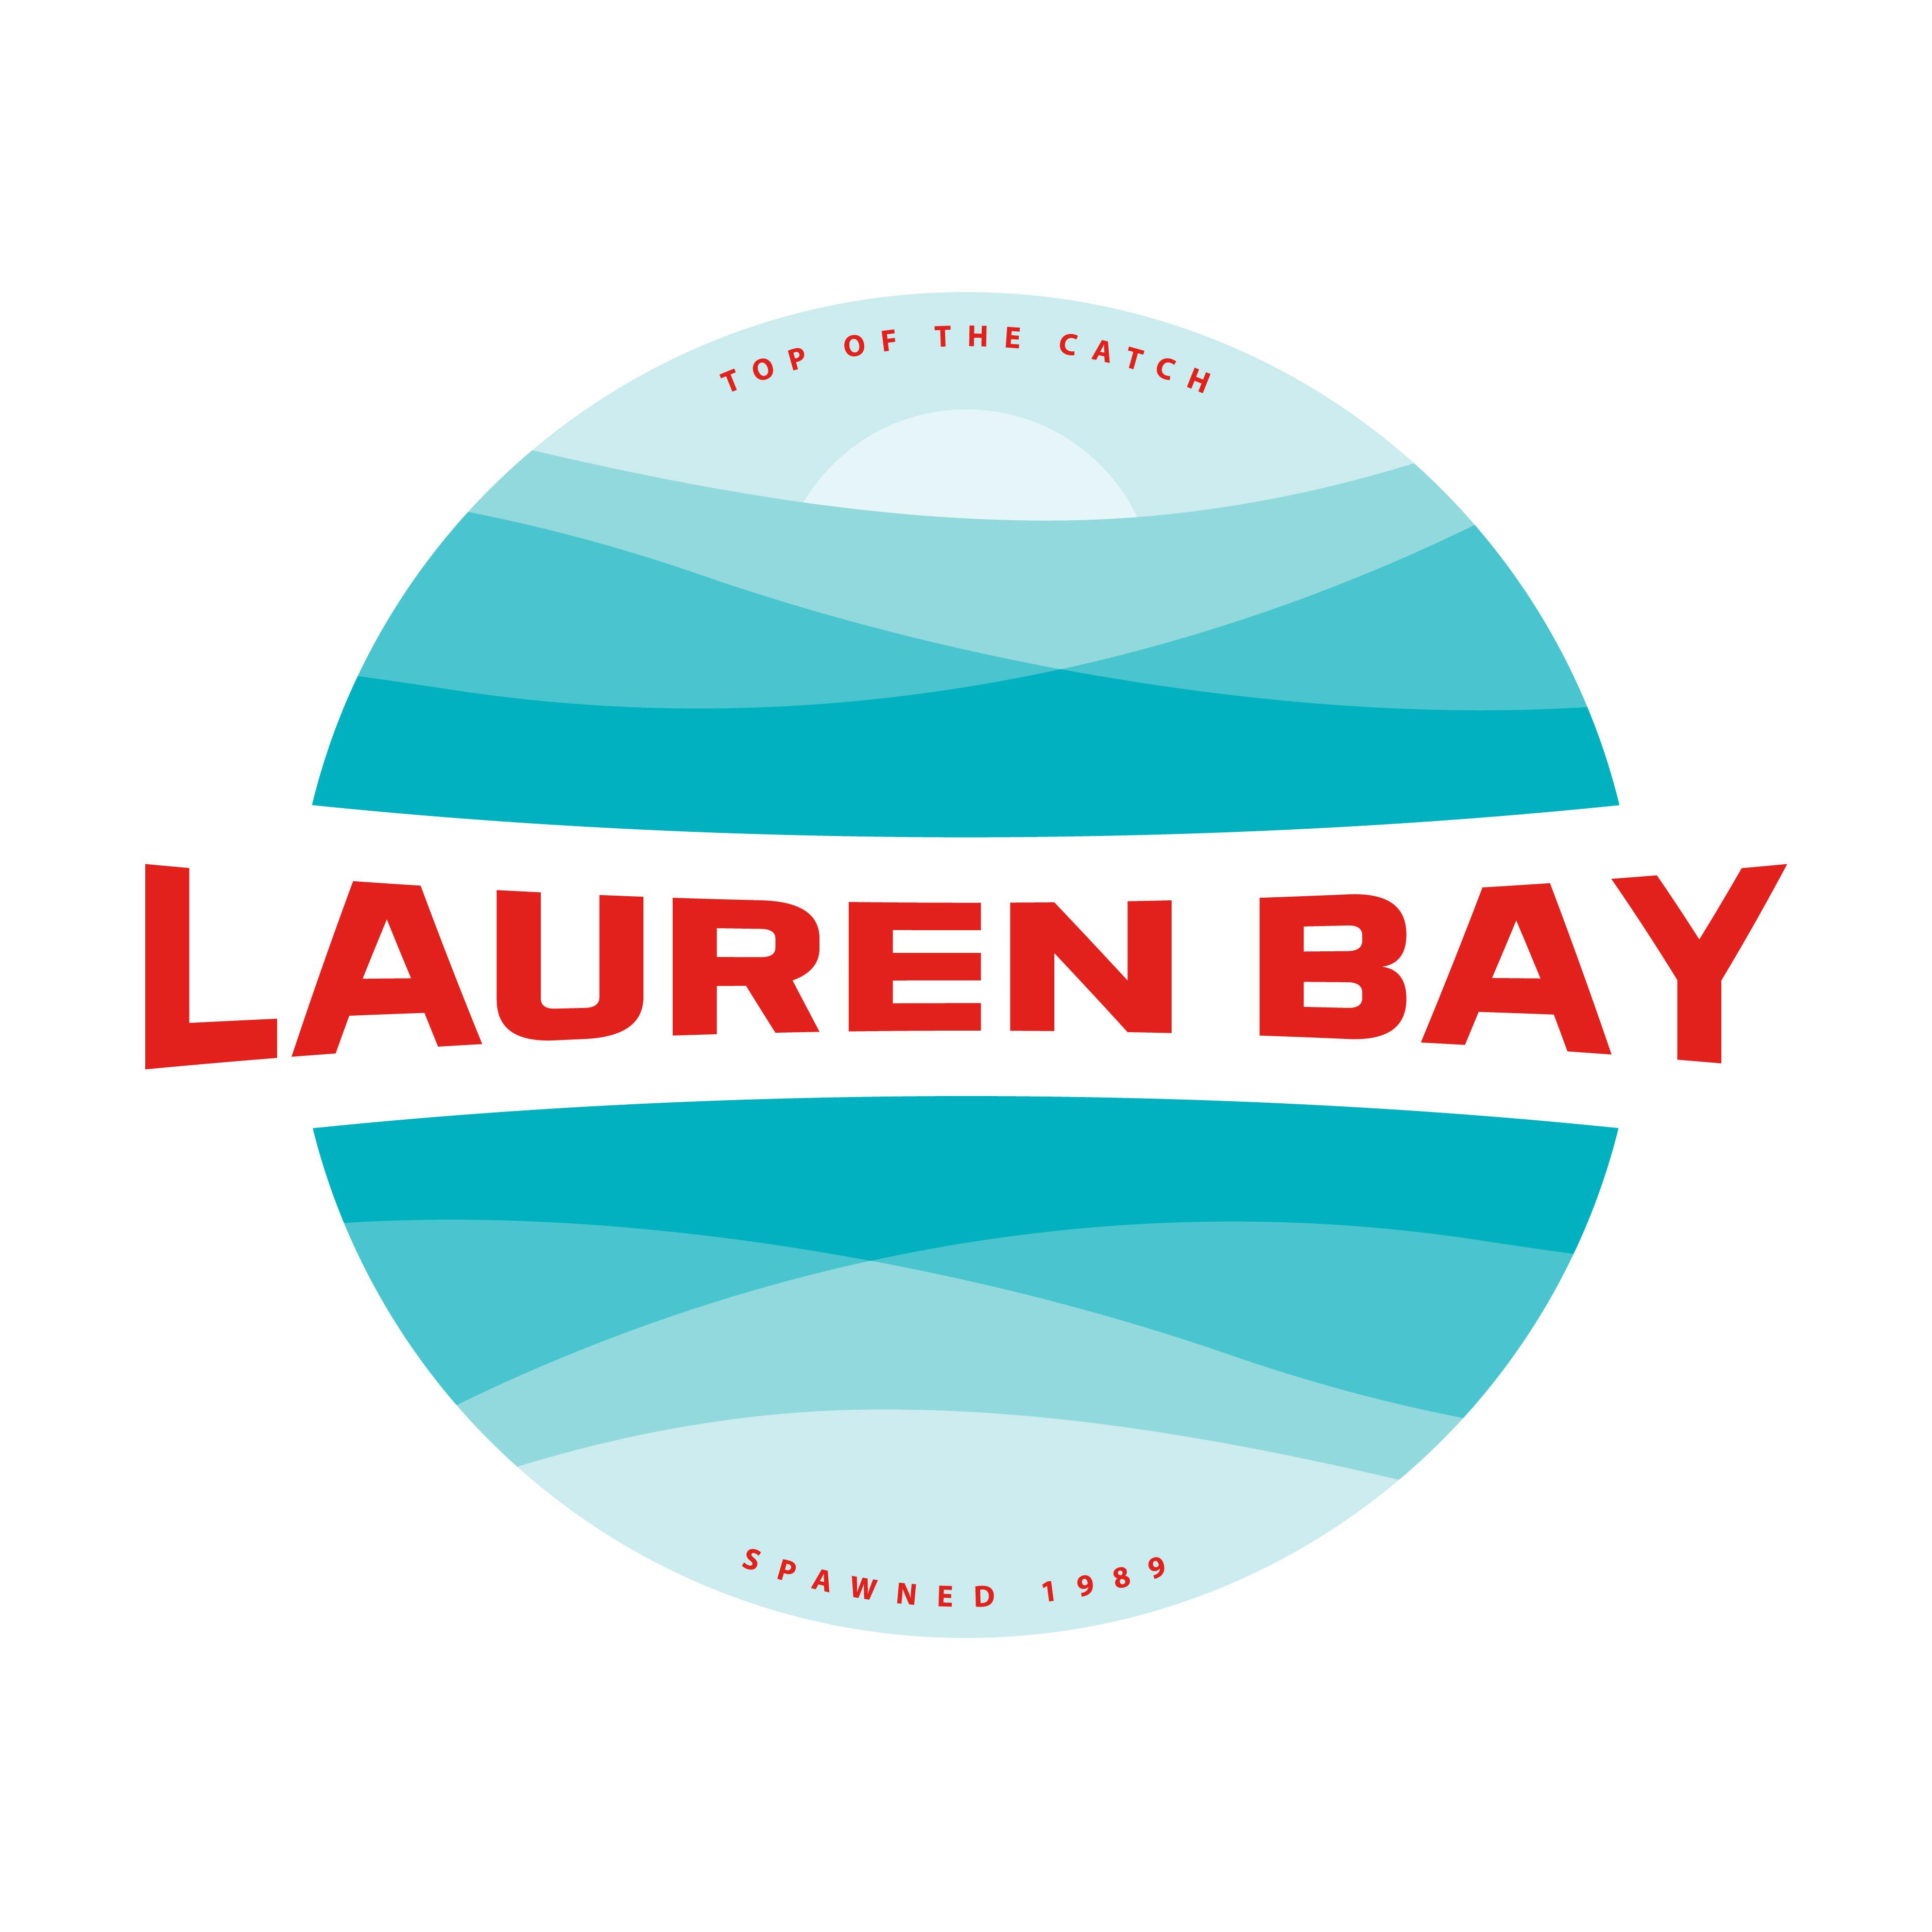 Lauren Bay